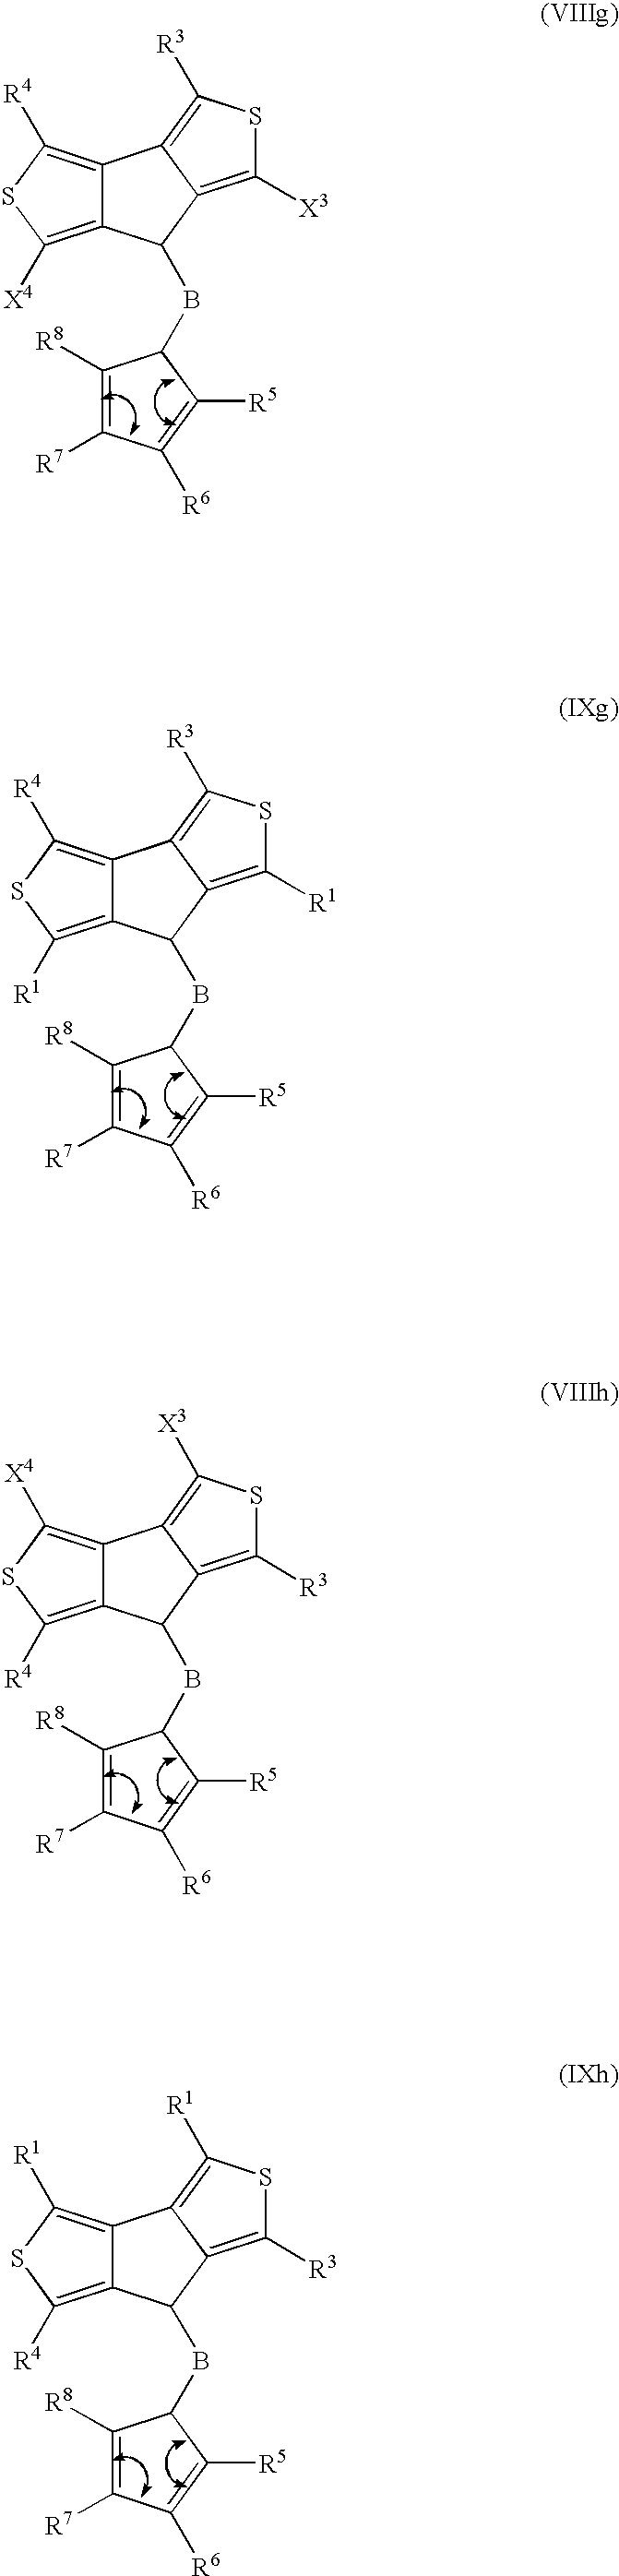 Figure US07910783-20110322-C00072